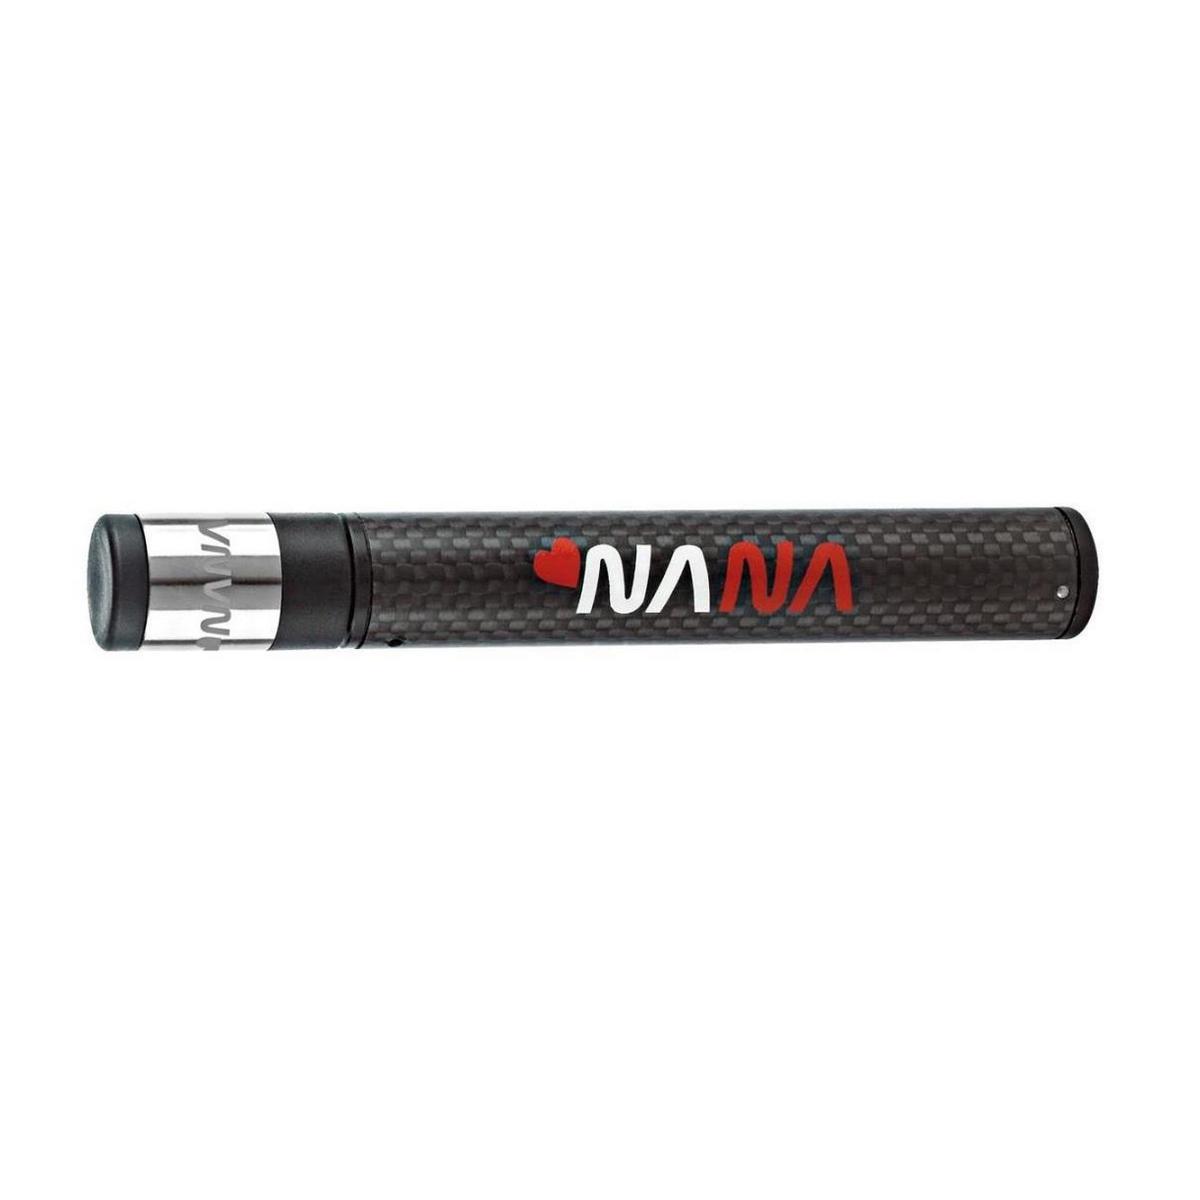 Pompa Nana micro in carbonio/titanio